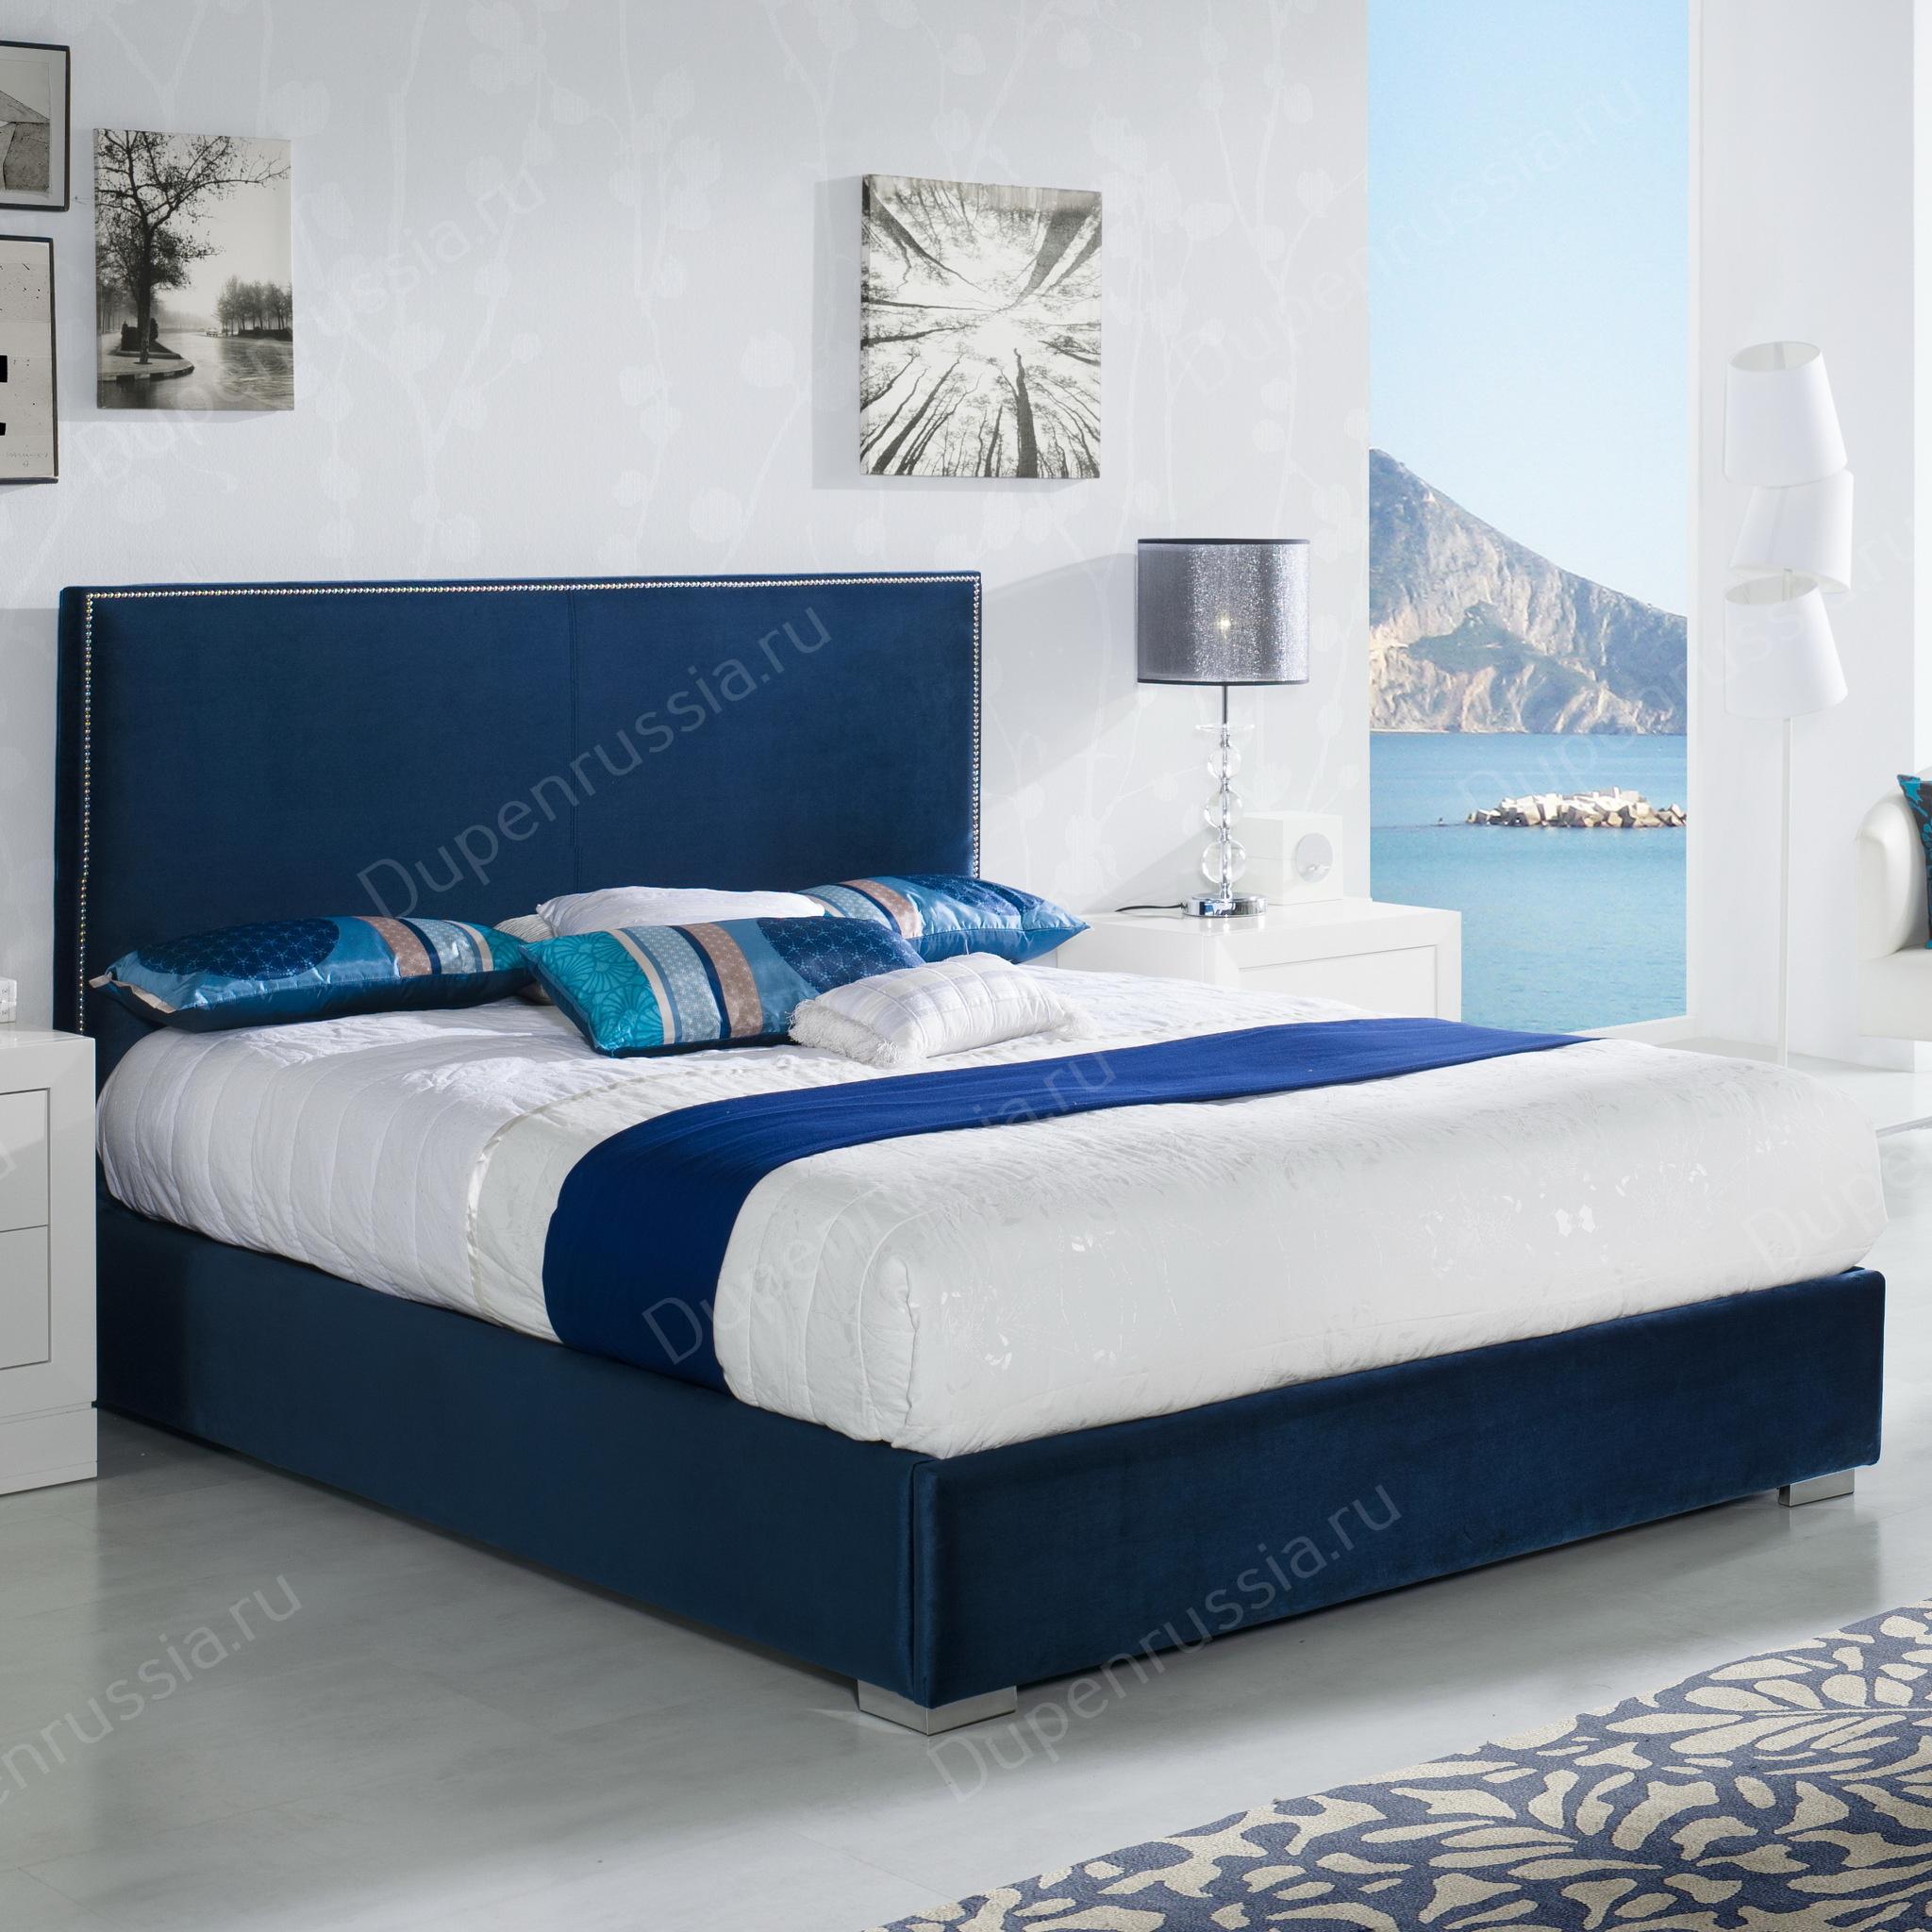 Кровать Dupen (Дюпен) 872 CRISTINA